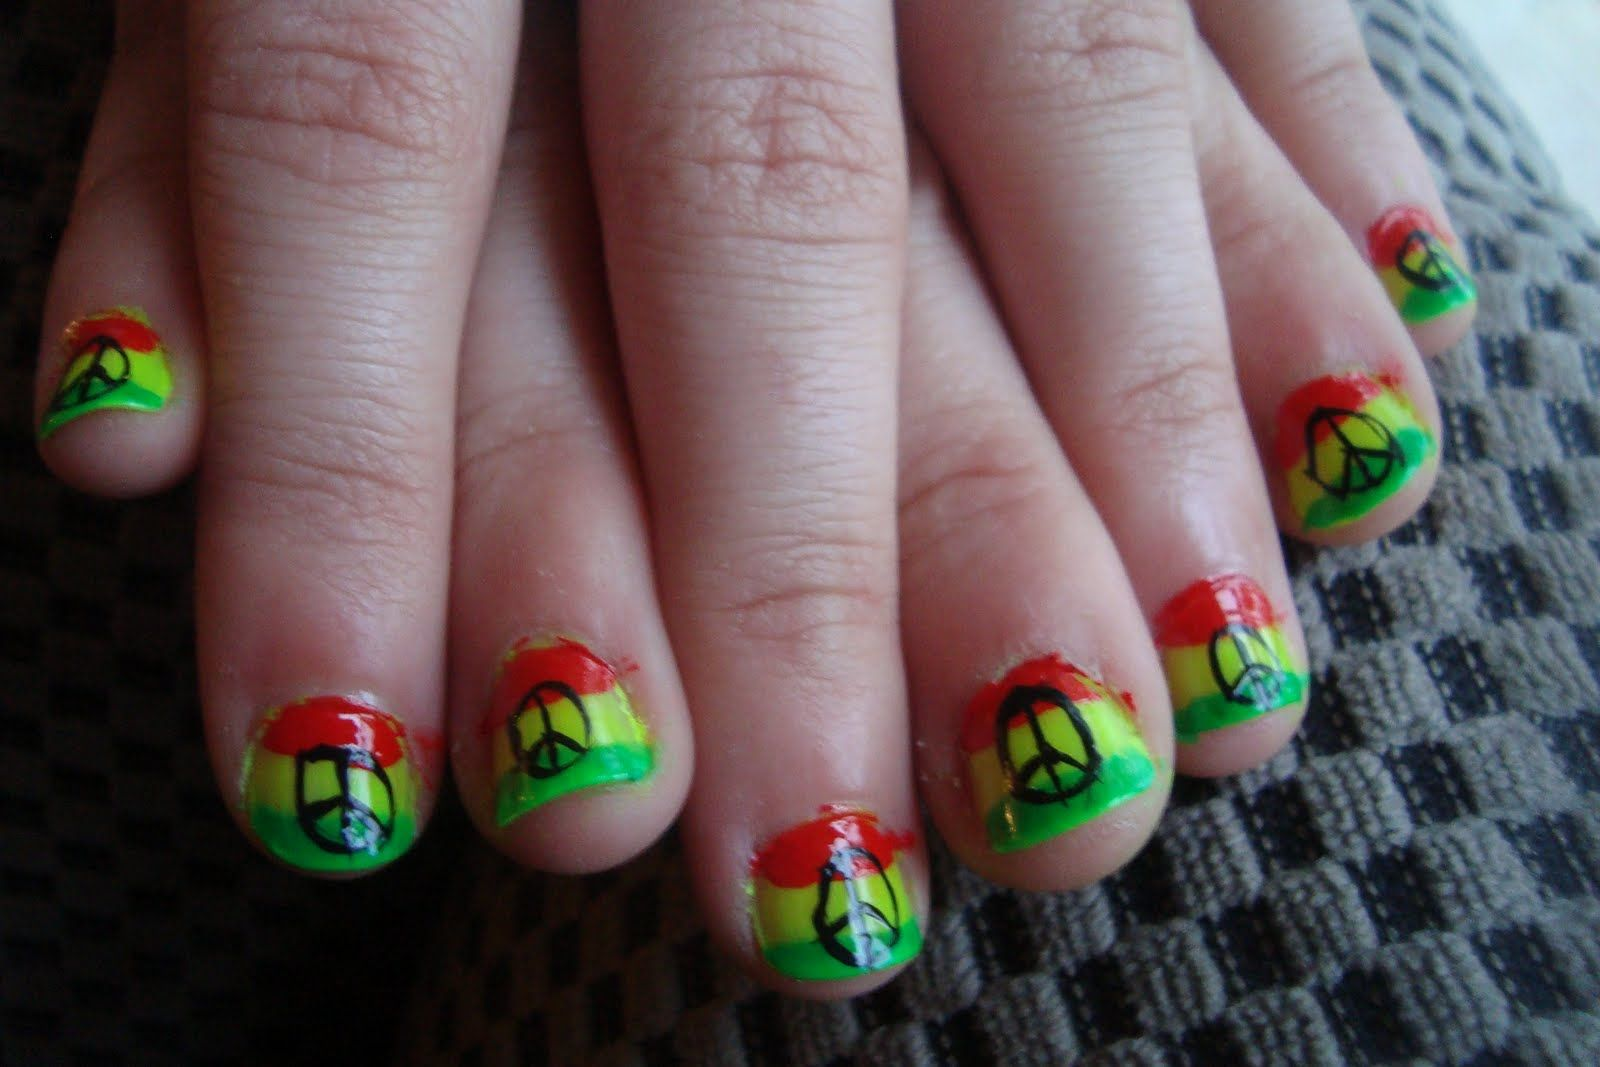 peace sign nails | nails | Pinterest | Peace sign nails, Nail stuff ...